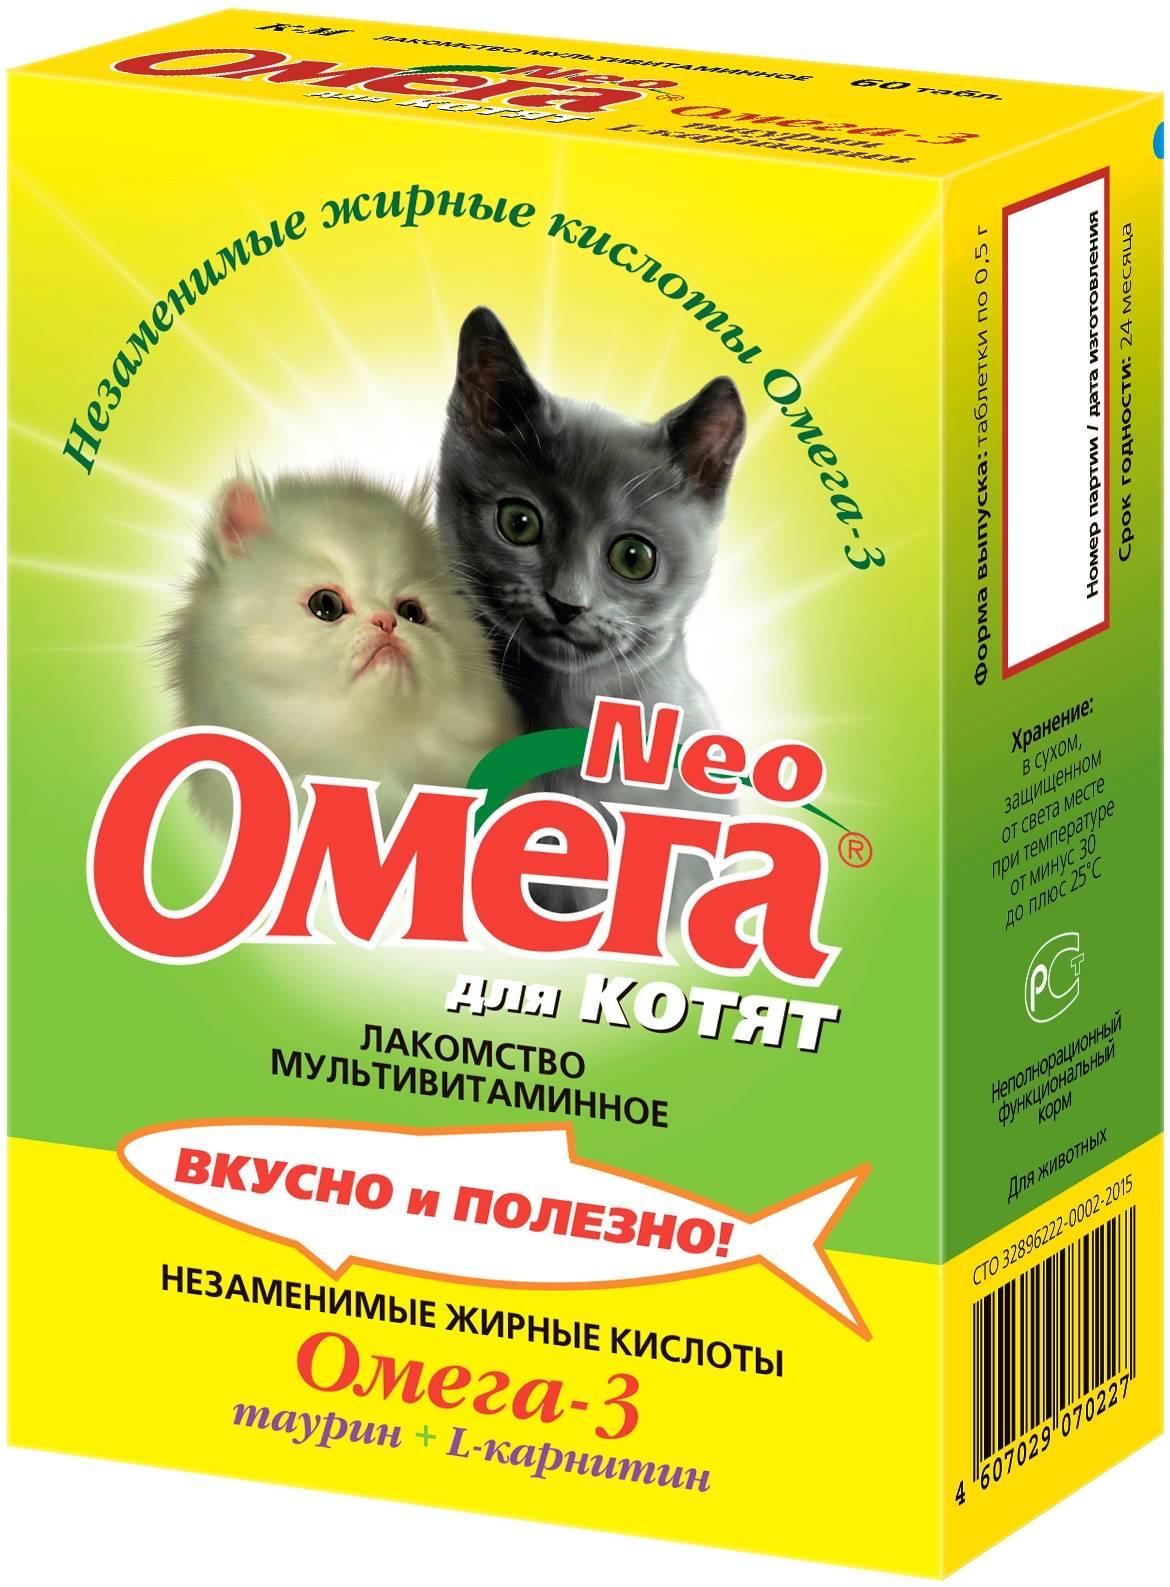 Витамины для старых кошек - обзор лучших препаратов с описанием